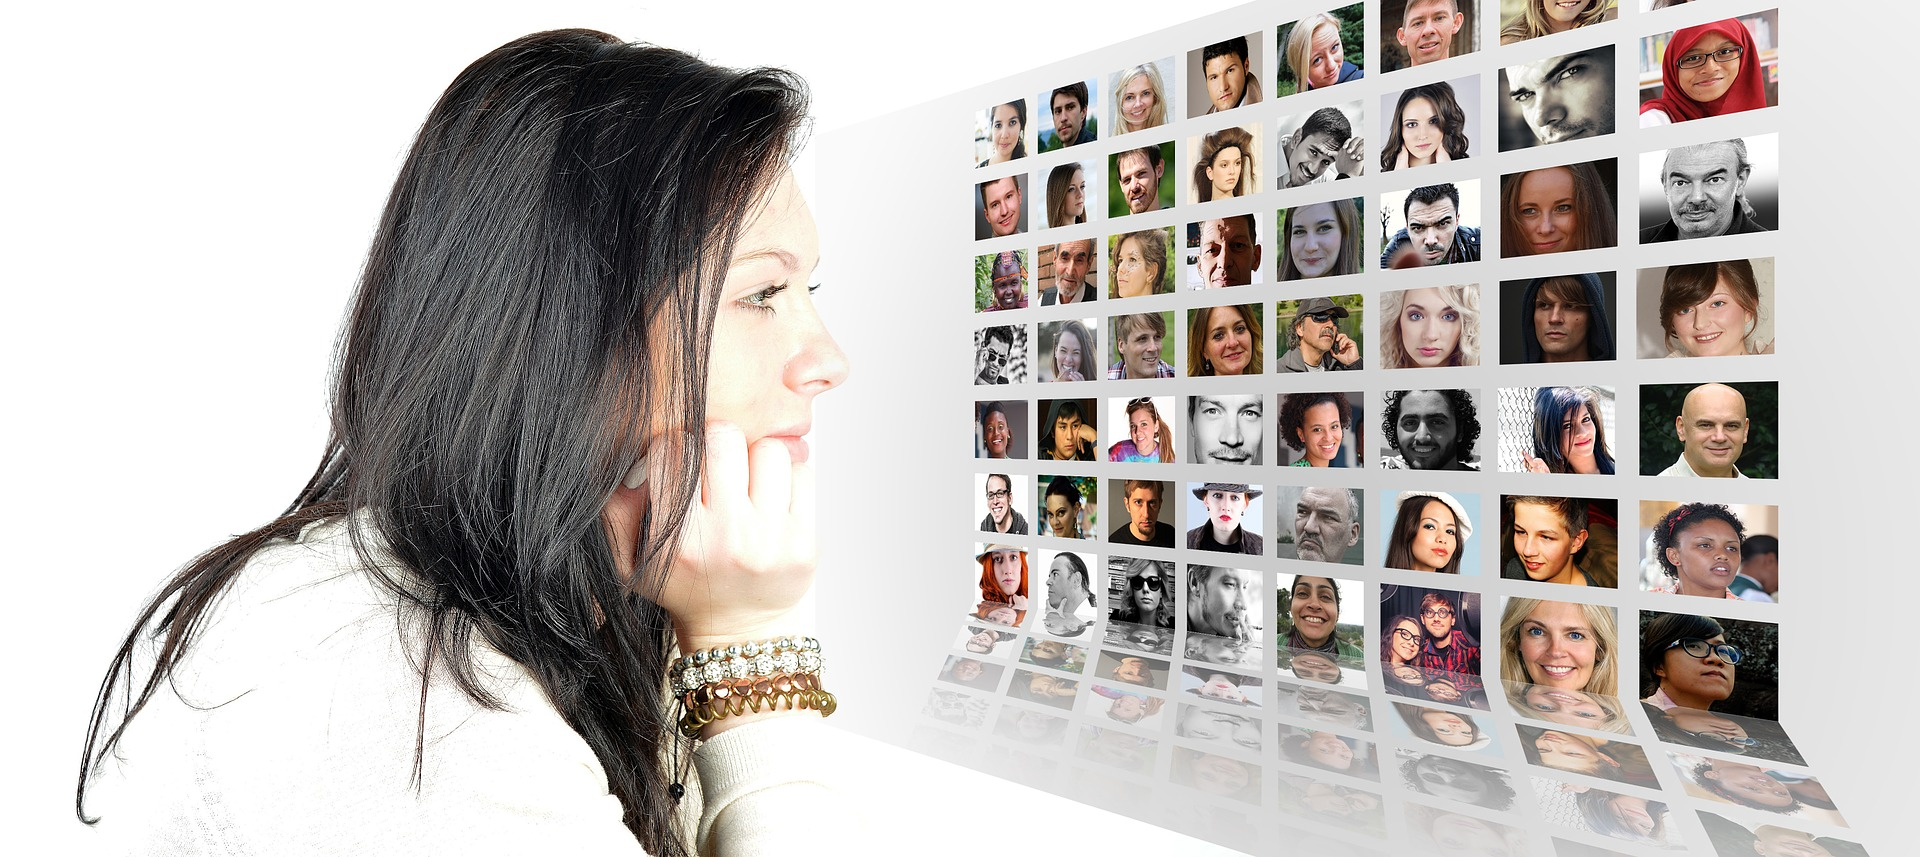 Découvrez les étapes importantes pour déterminer le webdesign de votre site internet